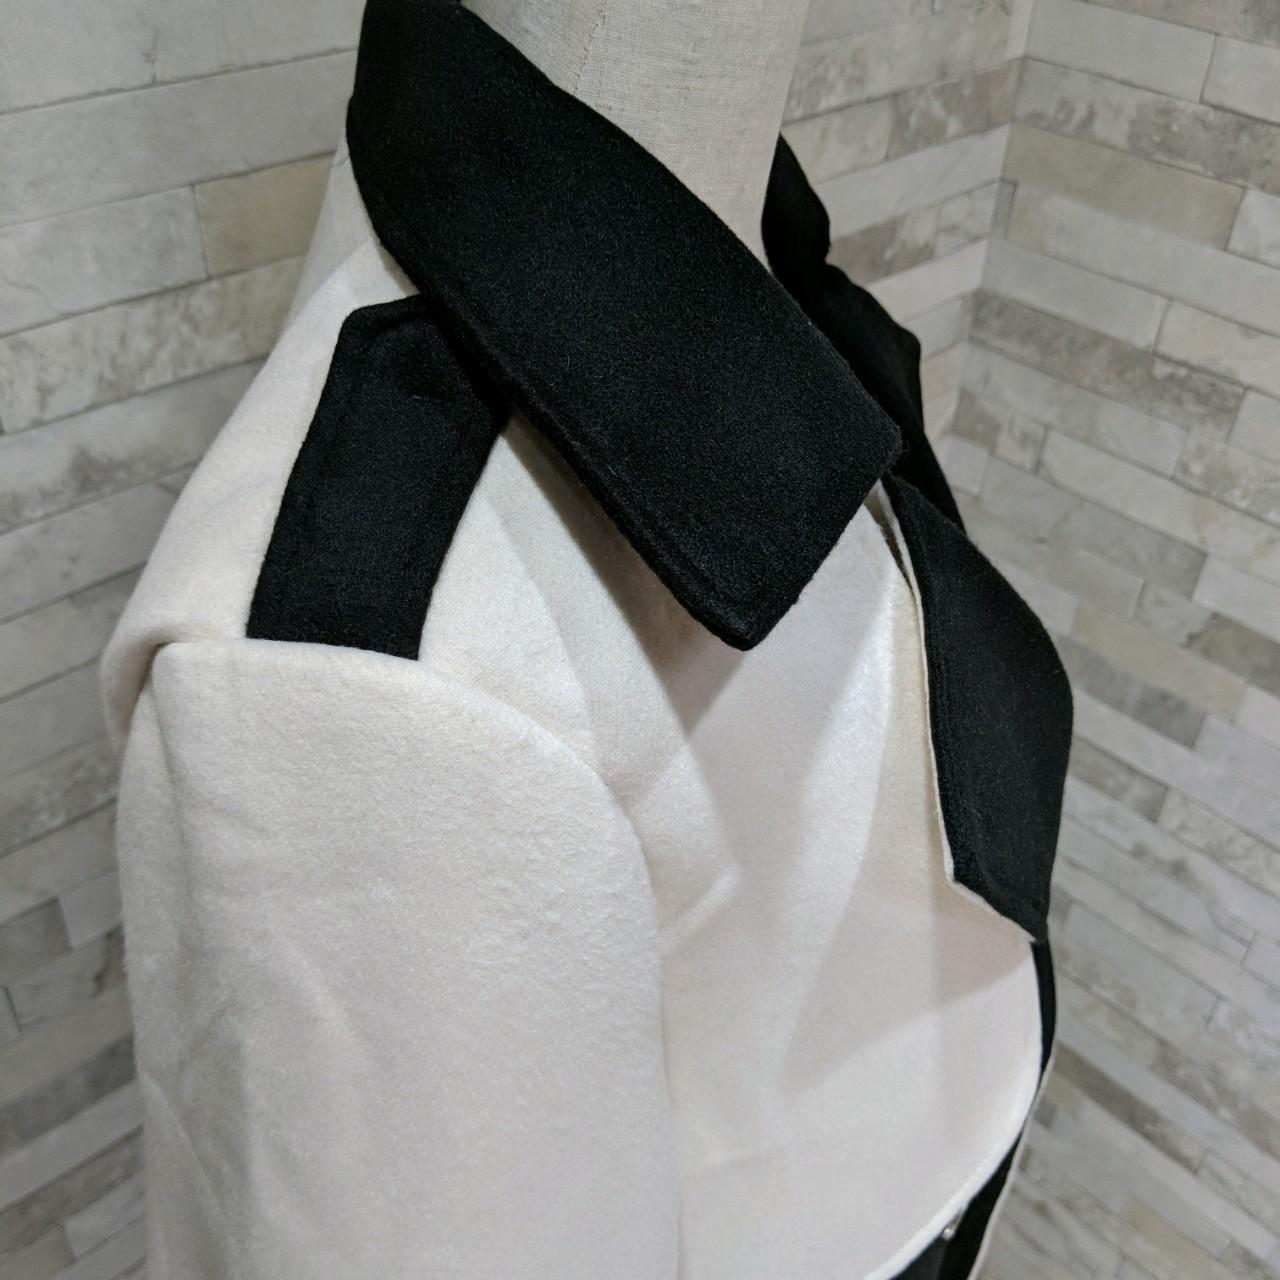 【即納】韓国 ファッション アウター コート 秋 冬 パーティー ブライダル SPTXG918  ミリタリー調 バイカラー アシンメトリー 二次会 セレブ きれいめの写真19枚目